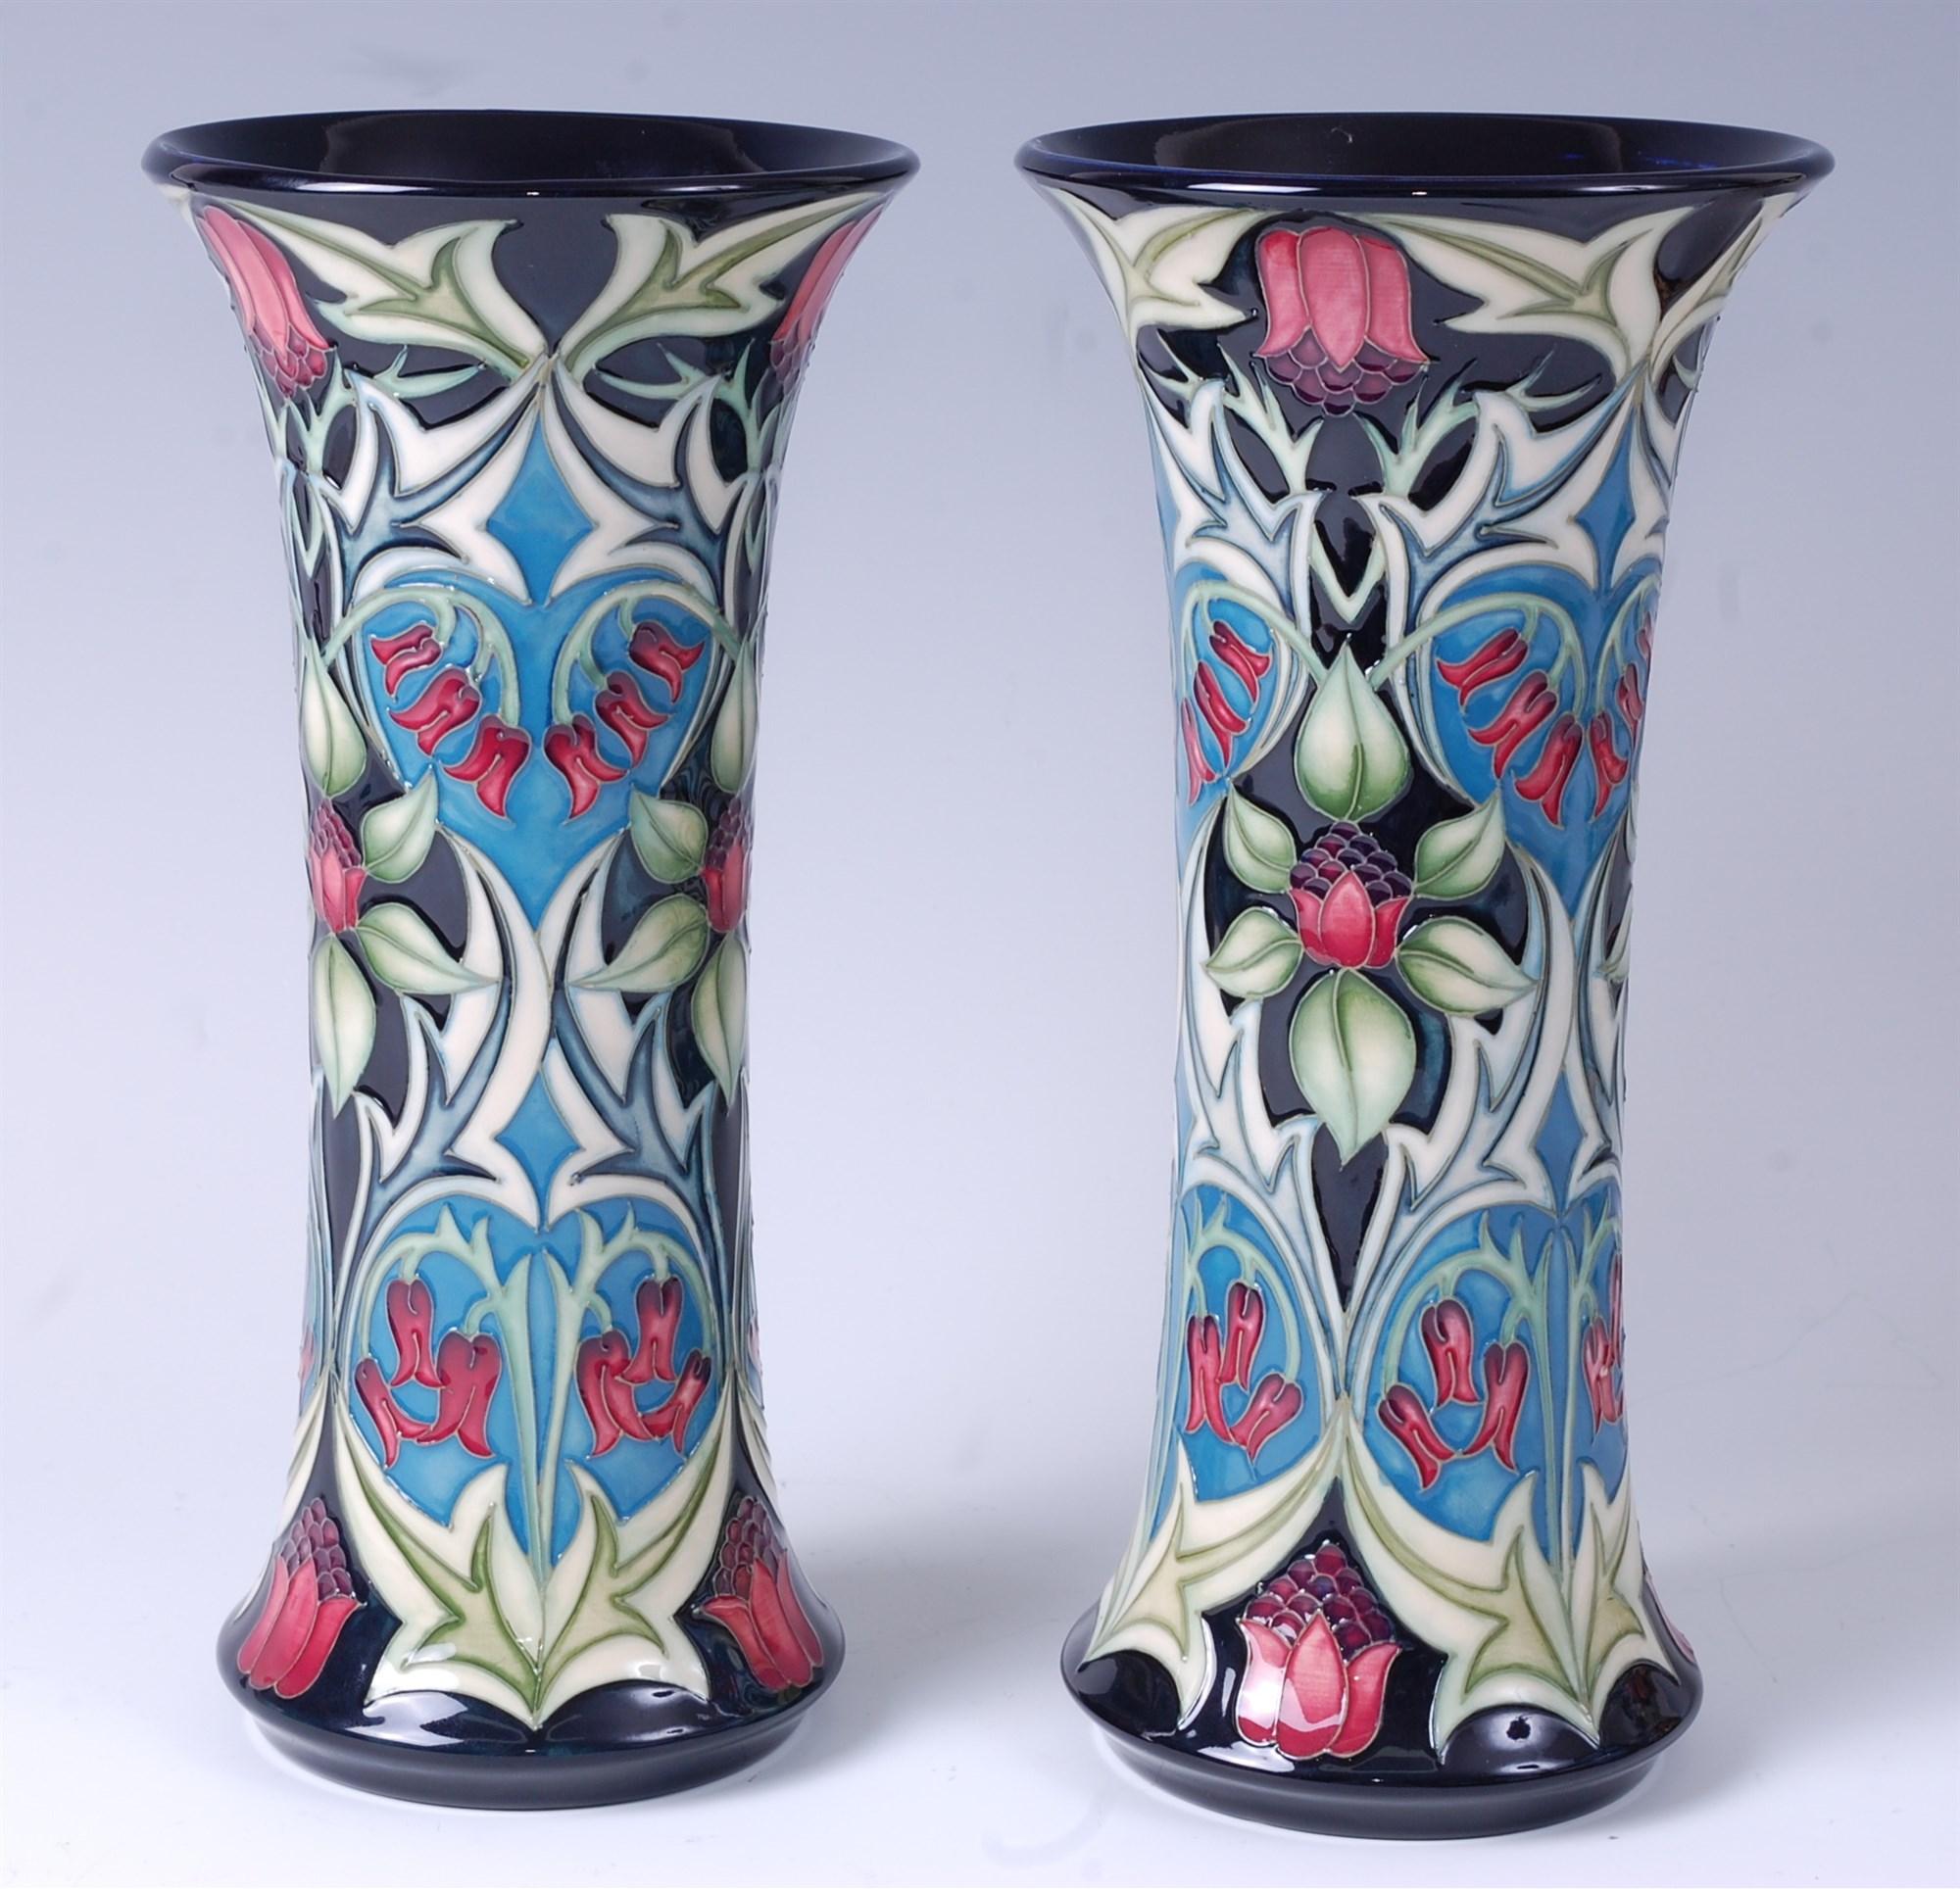 Moorcroft, Cobridge & Black Ryden pottery